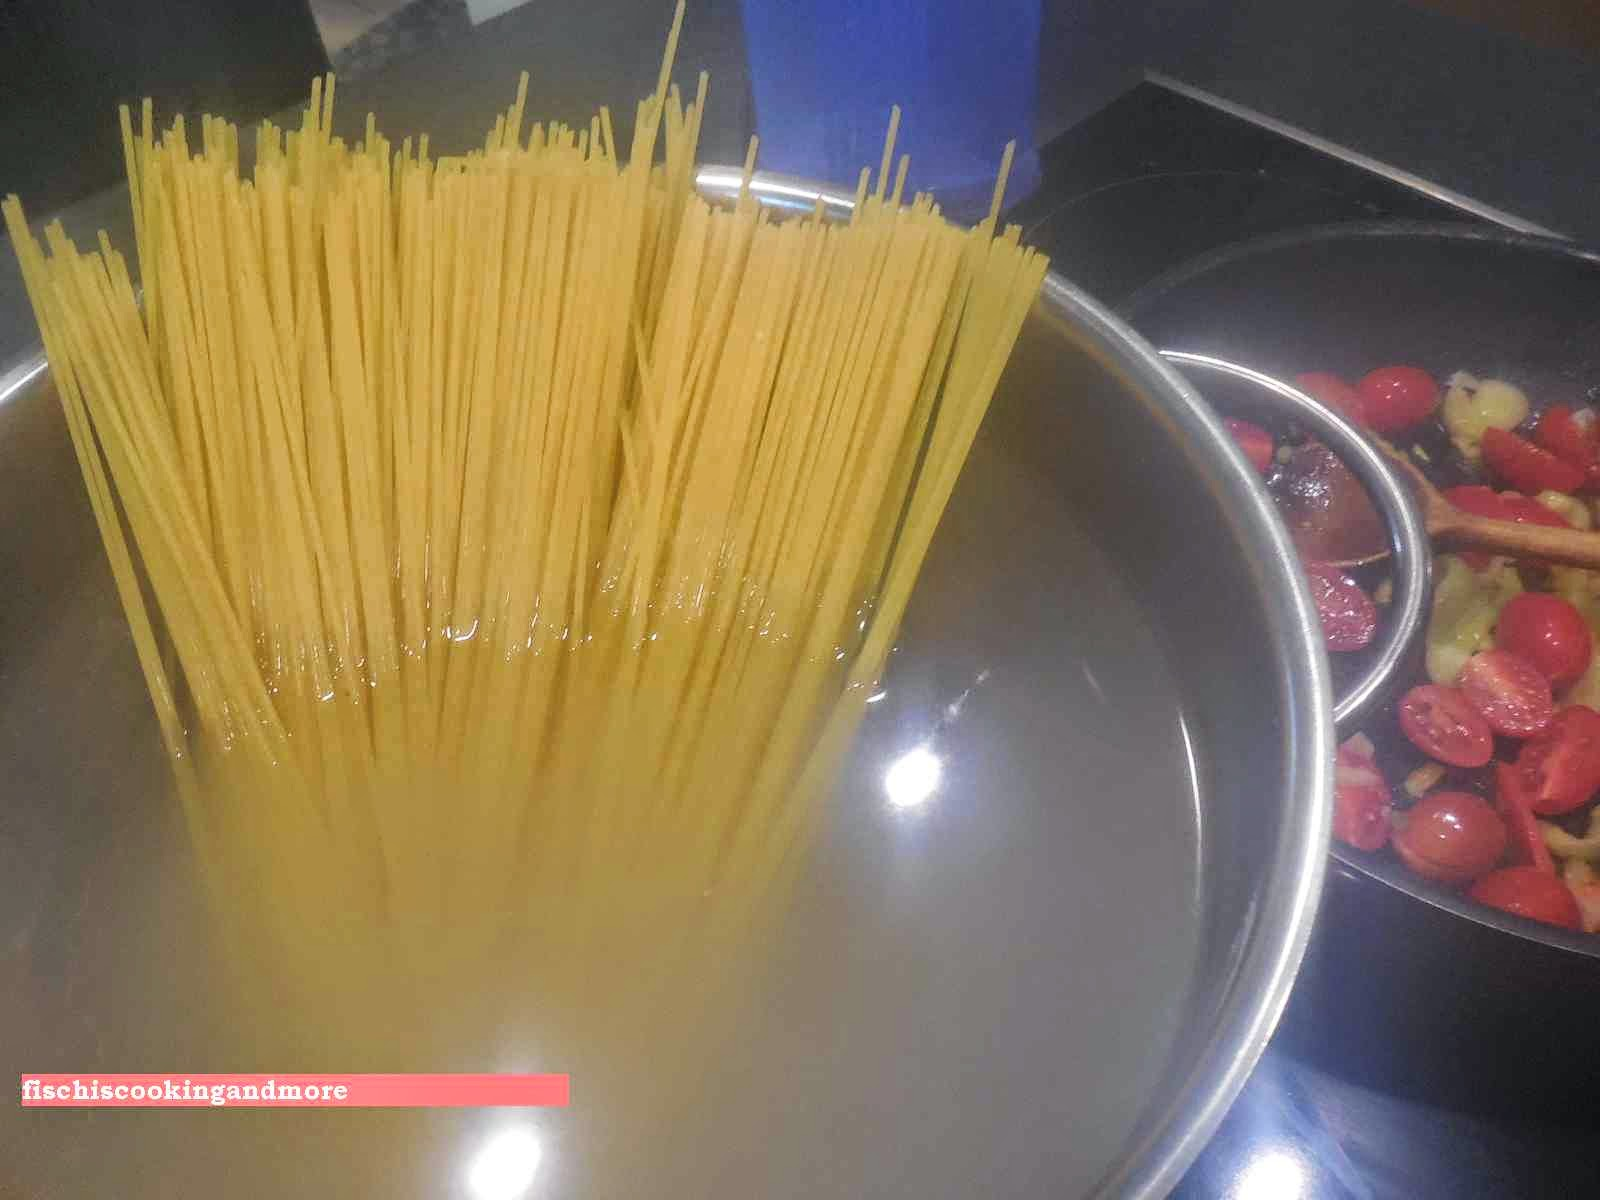 fischiscooking, spaghetti gemüse bärlauch